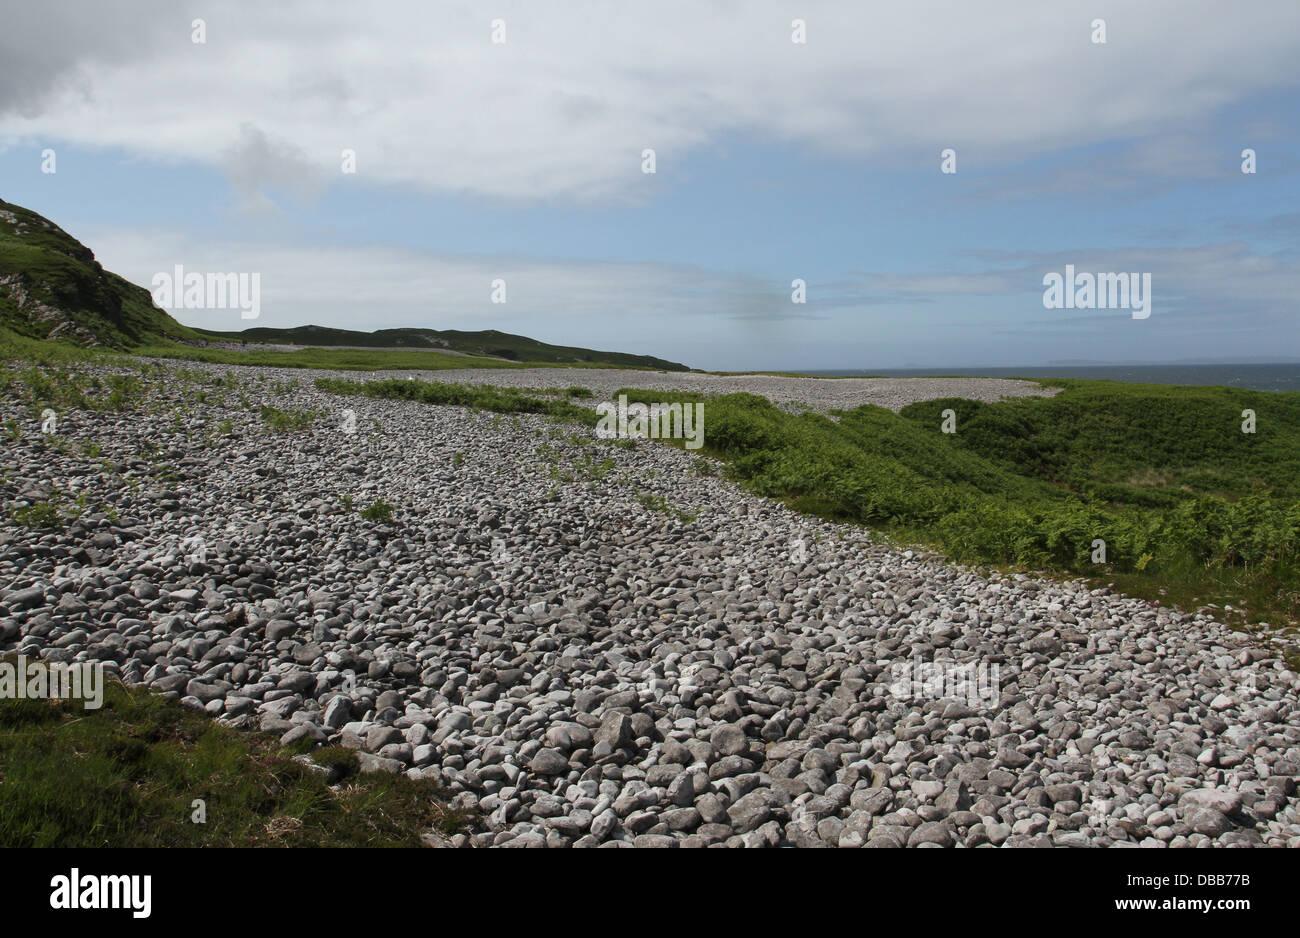 Levantada en la orilla de la playa de Loch Tarbert Isle of Jura Escocia Julio de 2013 Imagen De Stock